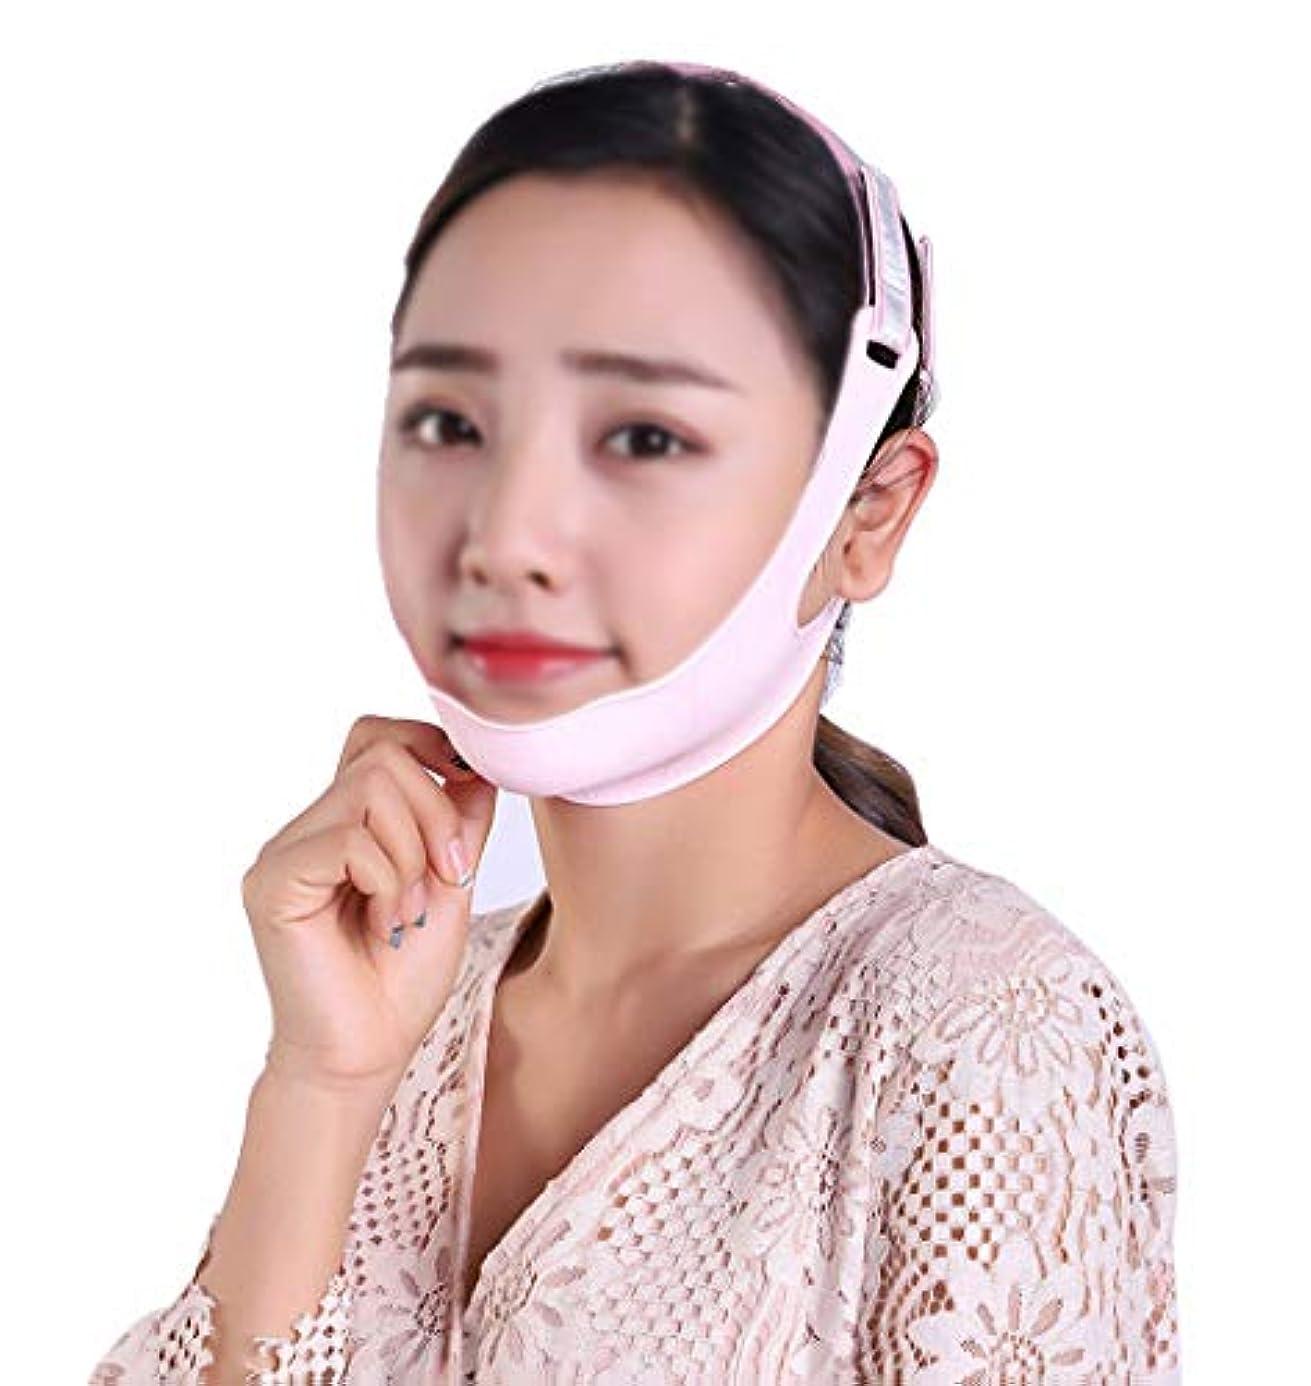 パーチナシティプロテスタントきつくTLMY フェイシャルリフティングマスクシリコンVマスク引き締めフェイシャル包帯スモールVフェイスアーティファクト防止リラクゼーションフェイシャル&ネックリフティング 顔用整形マスク (Size : M)